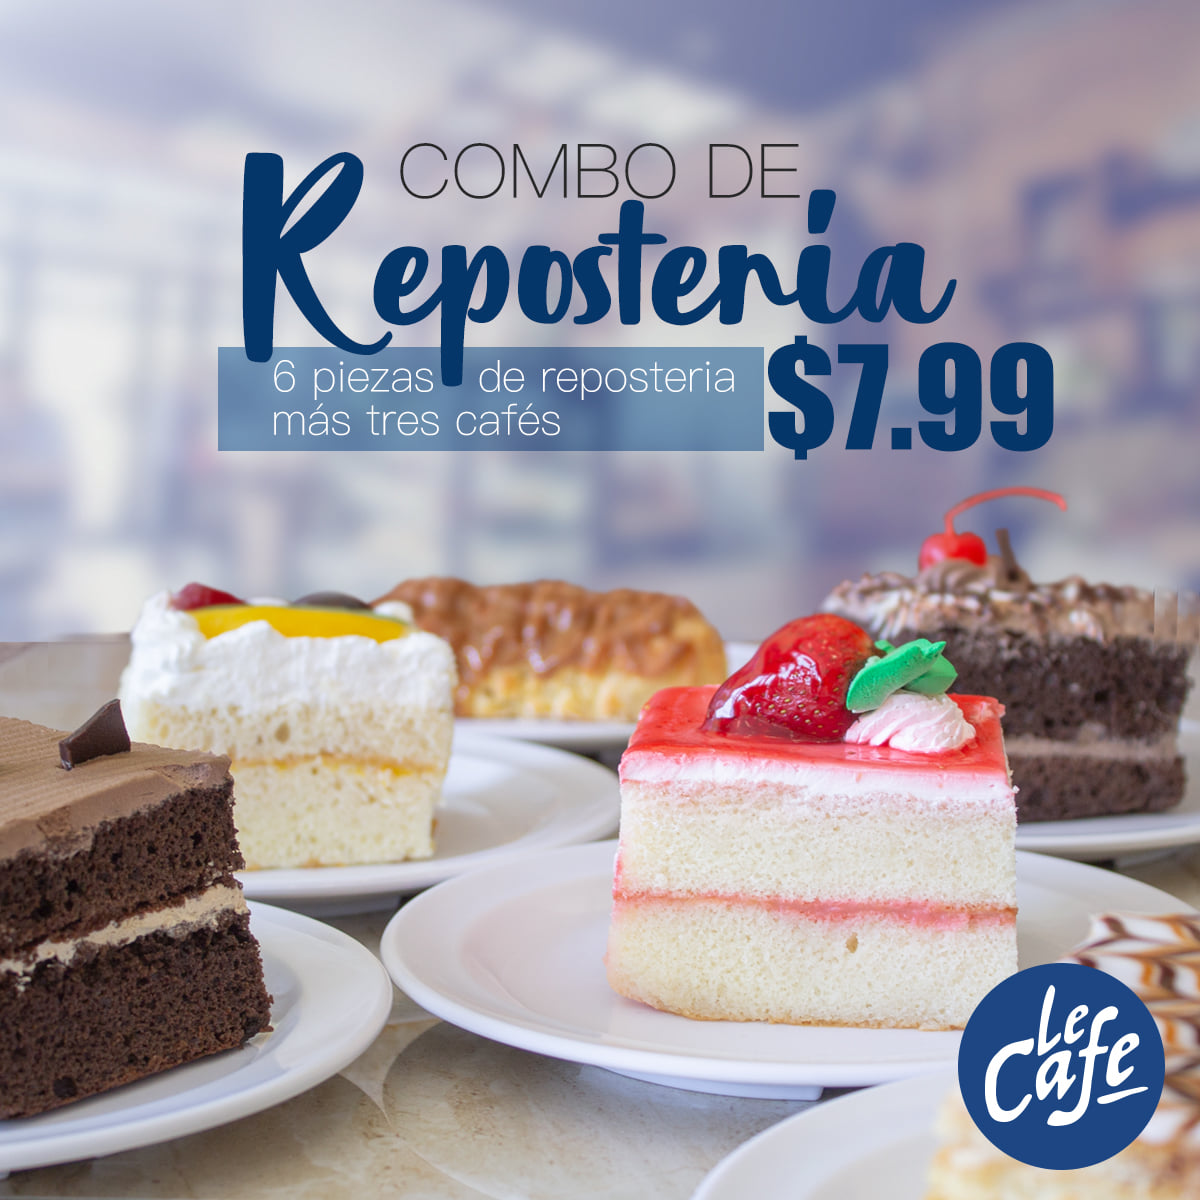 Le Cafe – Ciudad Arce